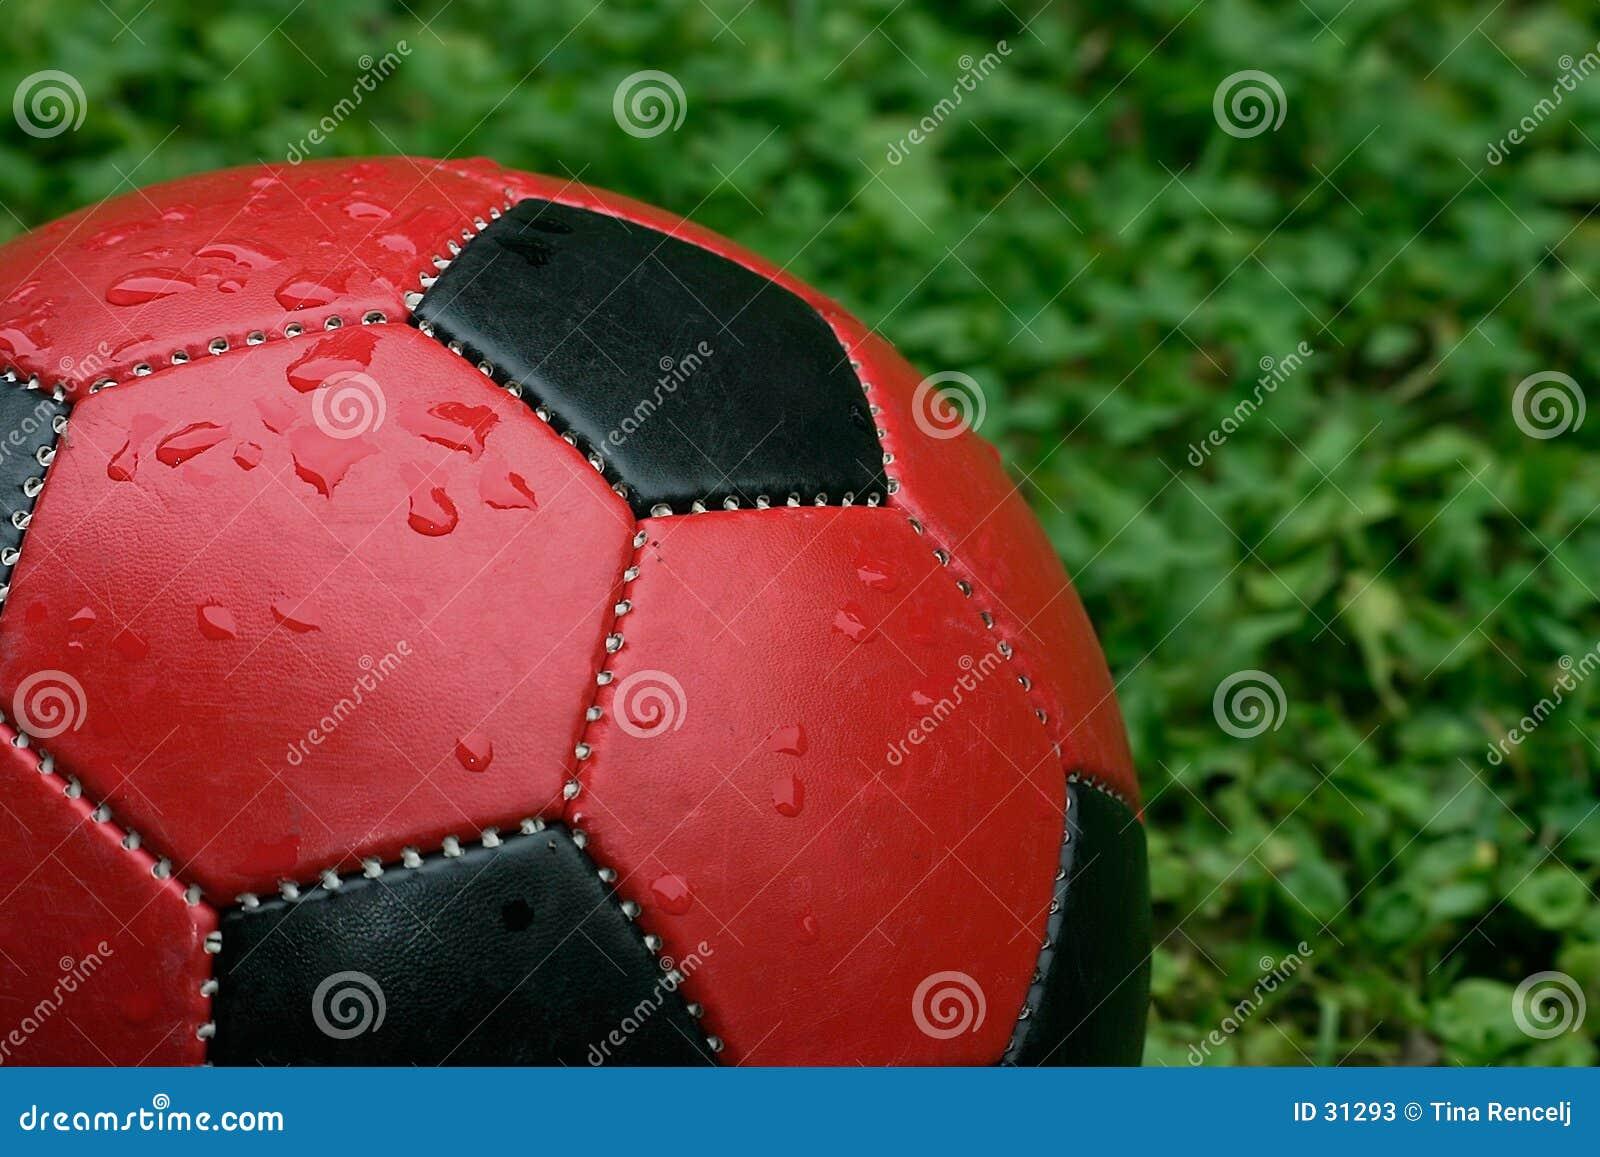 Download Balón de fútbol imagen de archivo. Imagen de dribbler, escuela - 31293